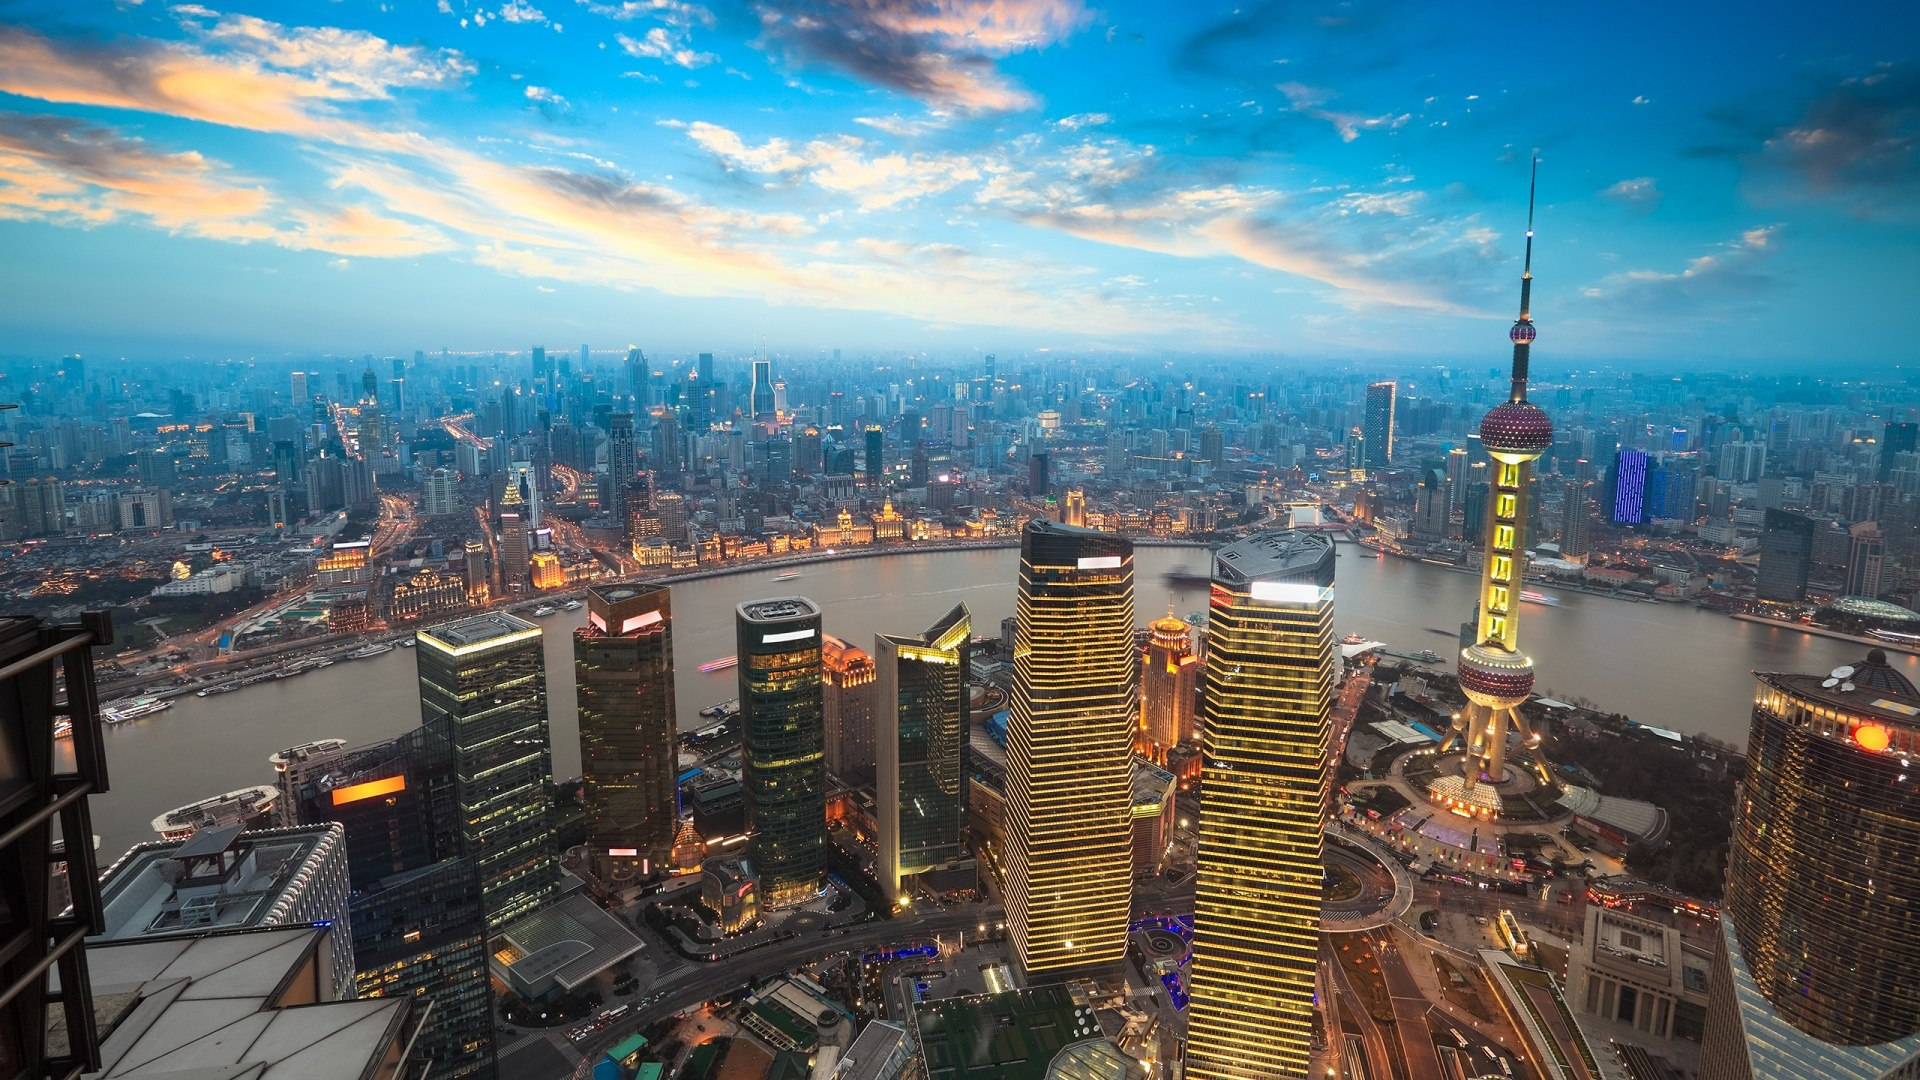 В Китае на удивление гармонично уживаются крайности: традиции и инновации, крестьяне и горожане, автомобили и дикий скот. Фото: zastavki.com